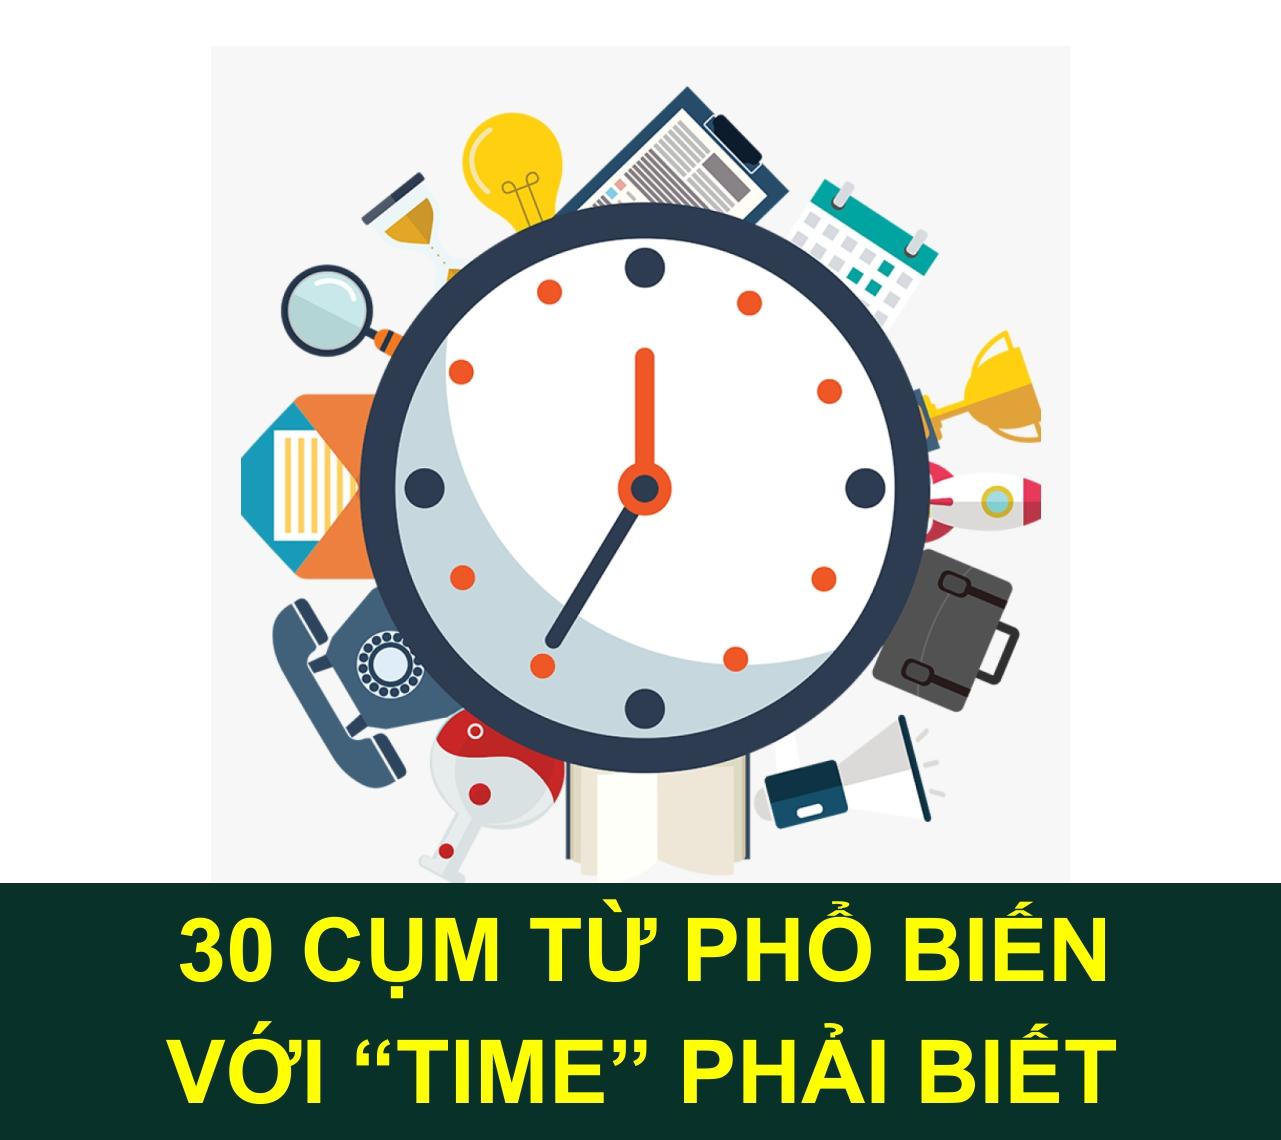 toeic-msngoc-30-cum-tu-pho-bien-voi-time-phai-biet-196